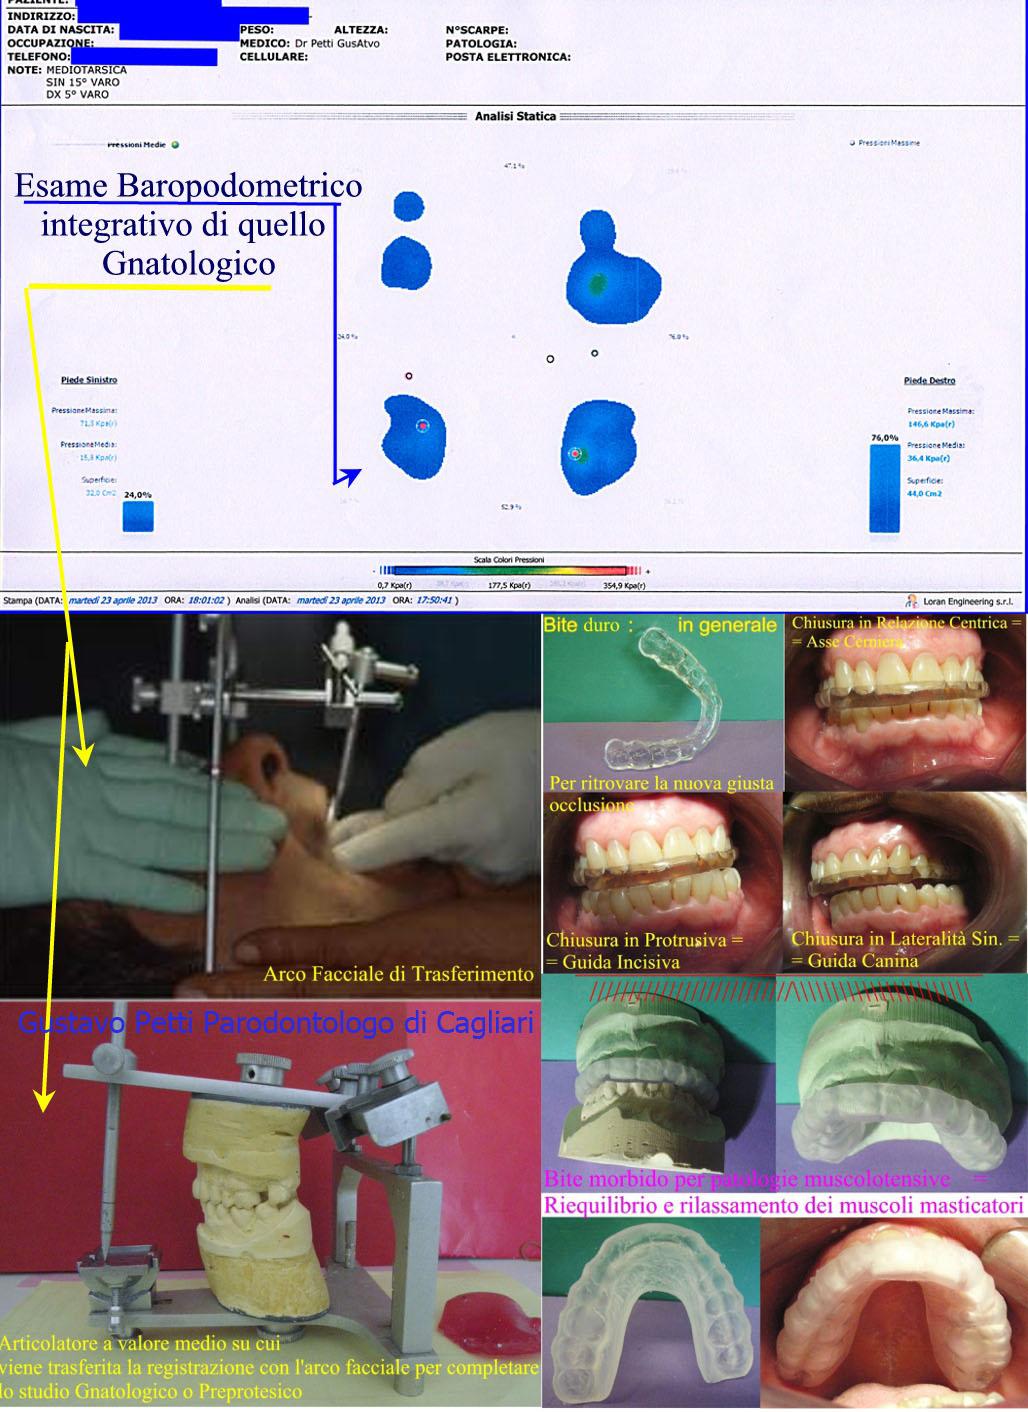 analisi-gnatologica-dr-g.petti-2001.jpg